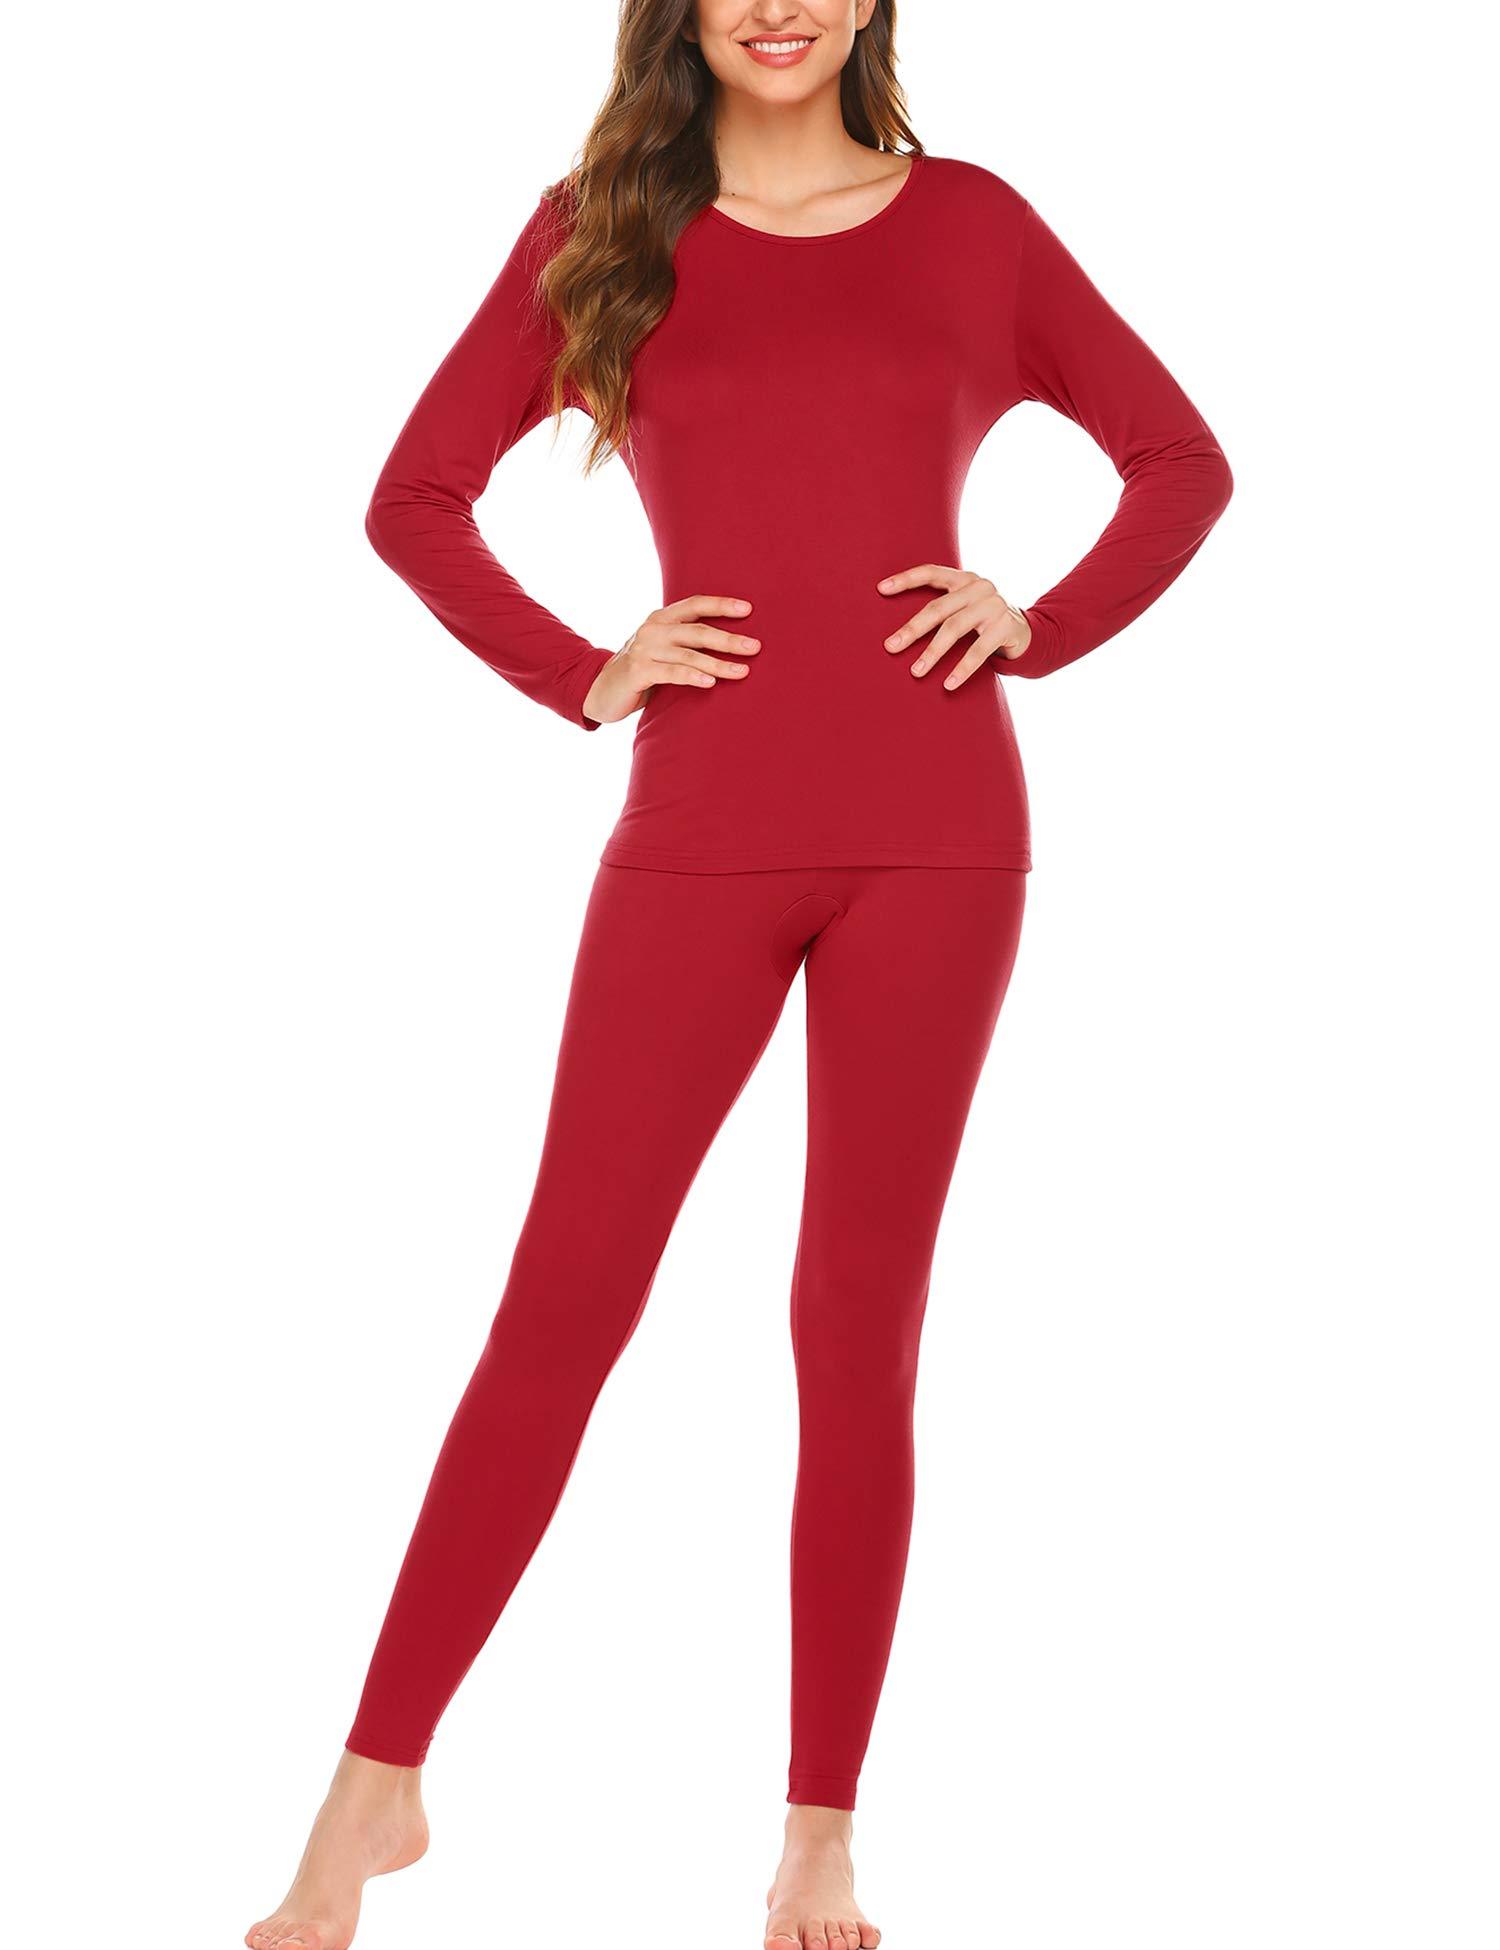 Ekouaer Thermal Underwear Women's Soft Long John Winter Base Layer Slimming Sleepwear PJs Set S-XXL (M, Red) by Ekouaer